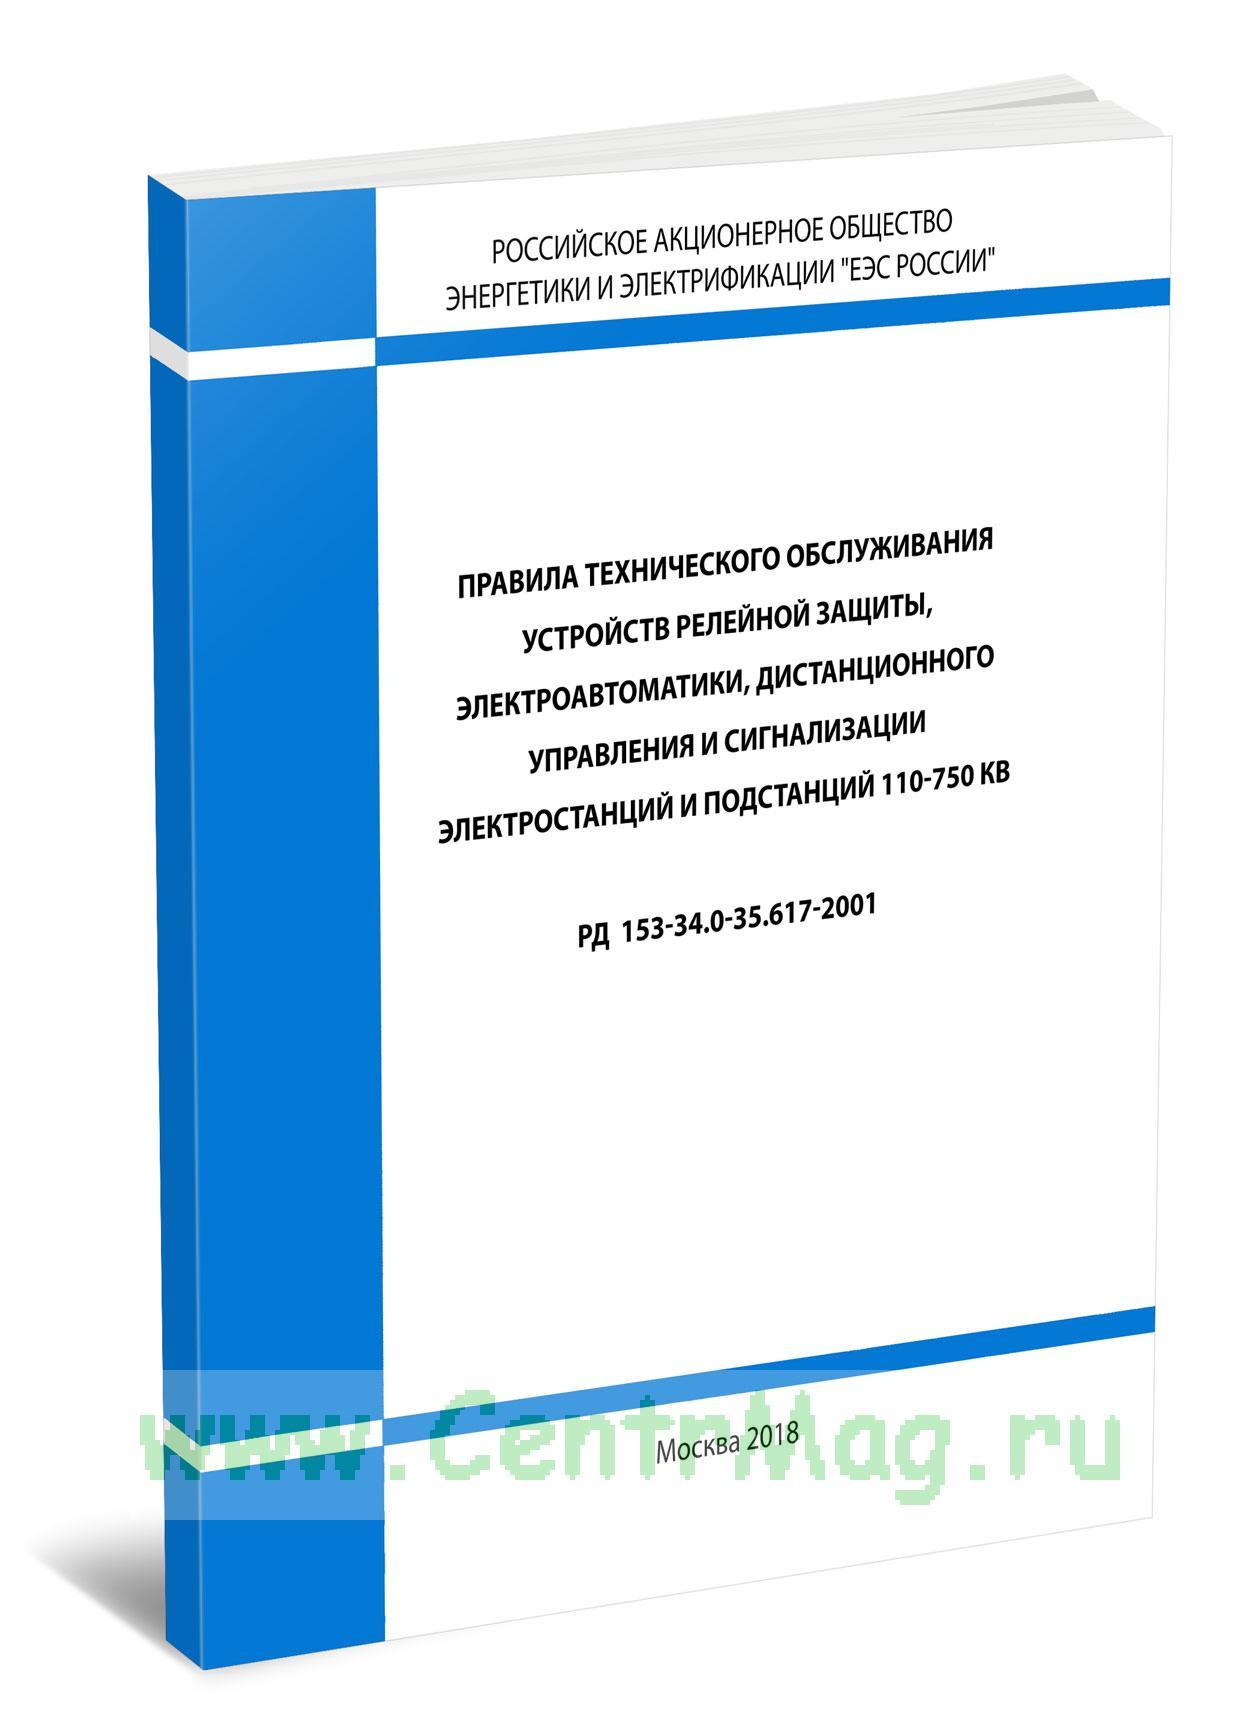 Правила технического обслуживания устройств релейной защиты, электроавтоматики, дистанционного управления и сигнализации электростанций и подстанций 110-750 кВ. РД 153-34.0-35.617-2001 2018 год. Последняя редакция